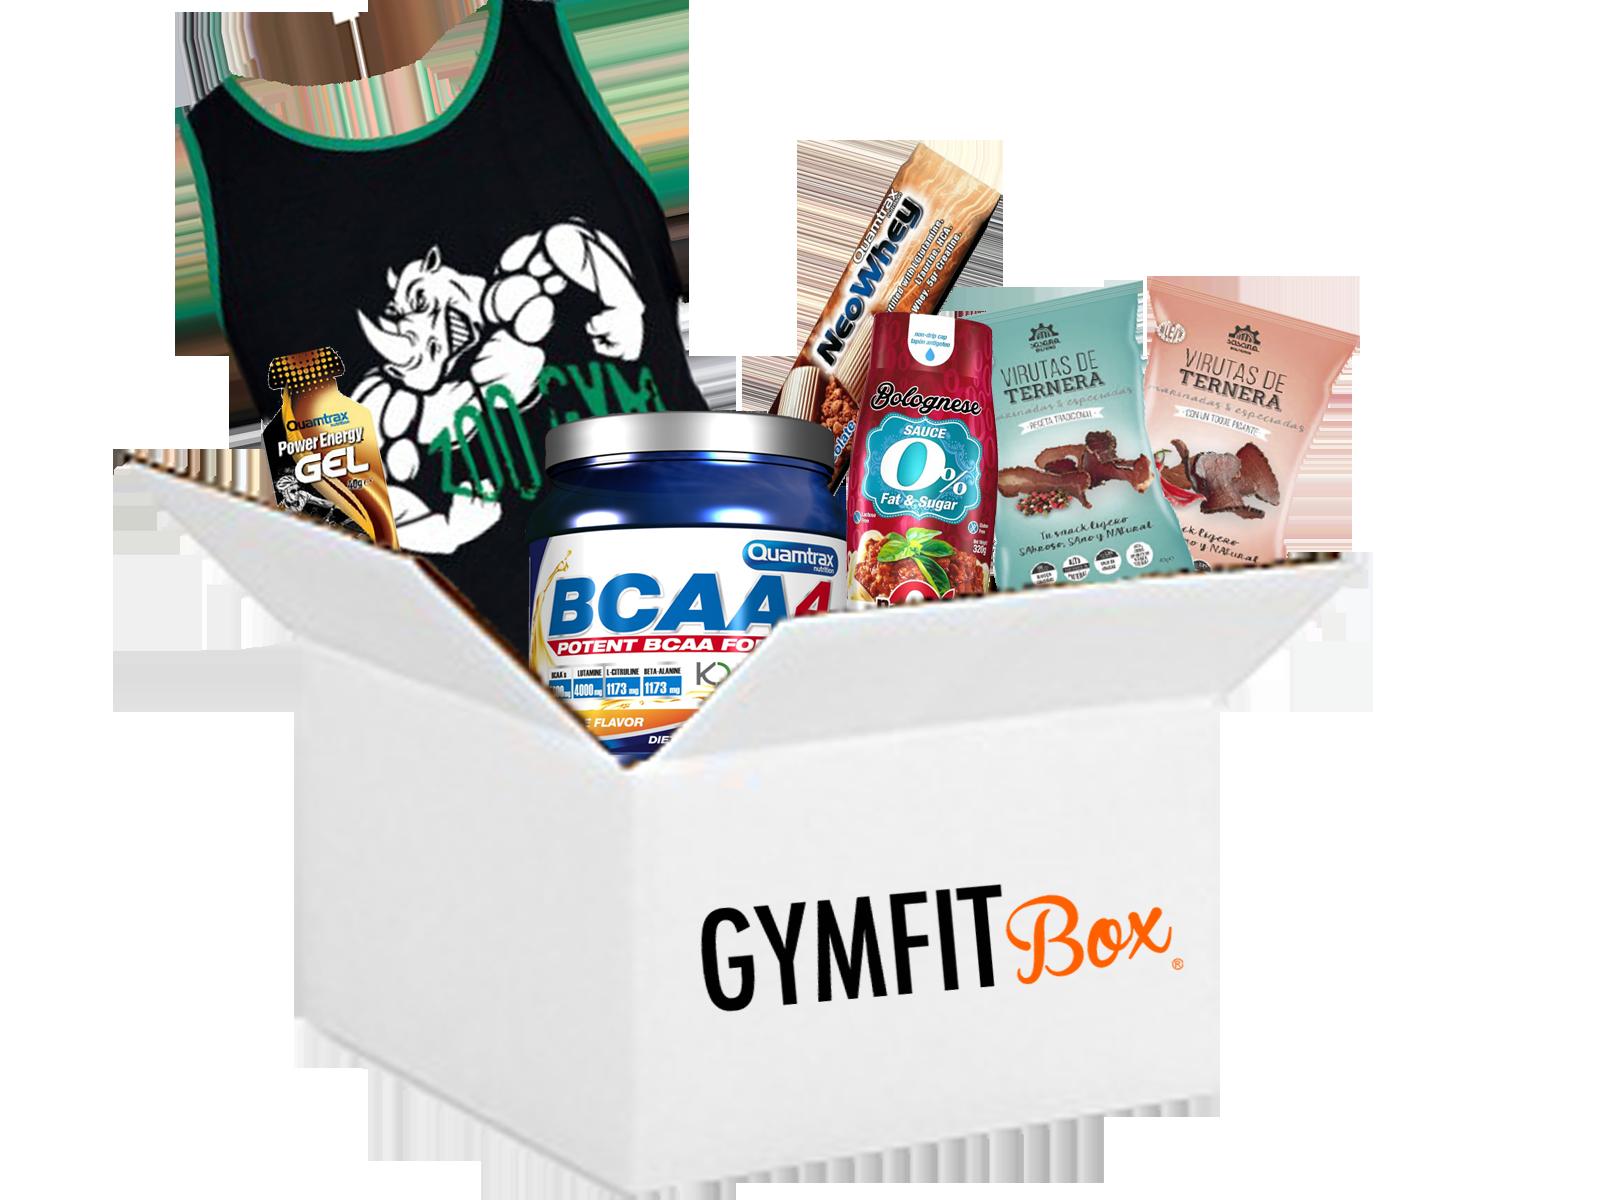 Gymfitbox Septiembre 2106